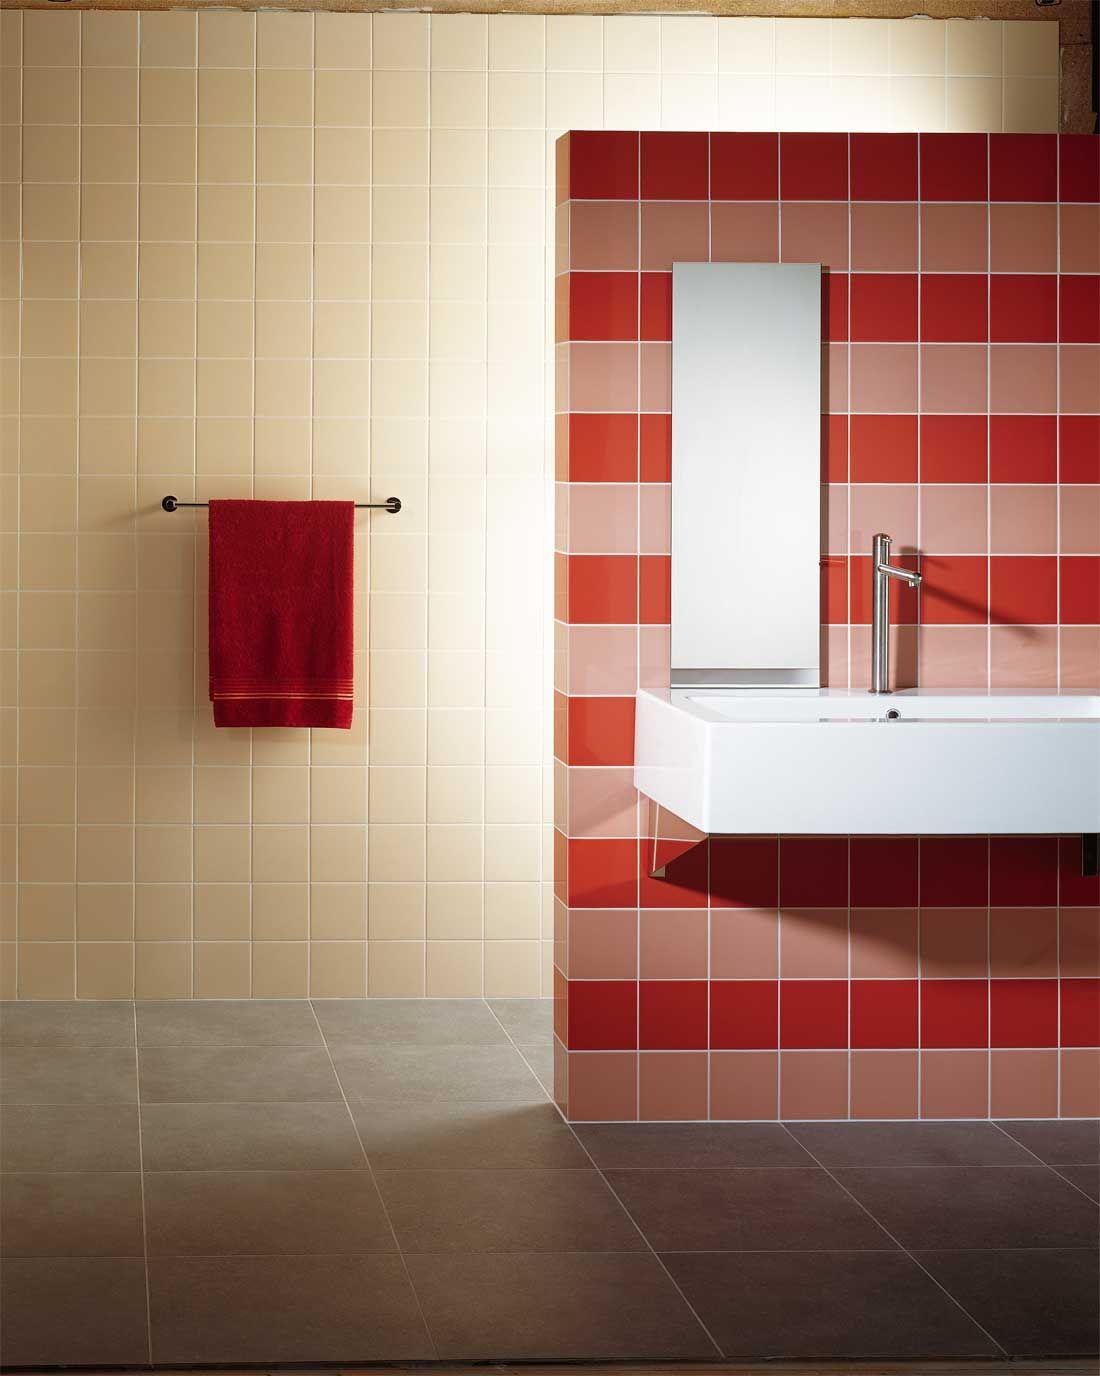 royal mosa mosa colors room tiles